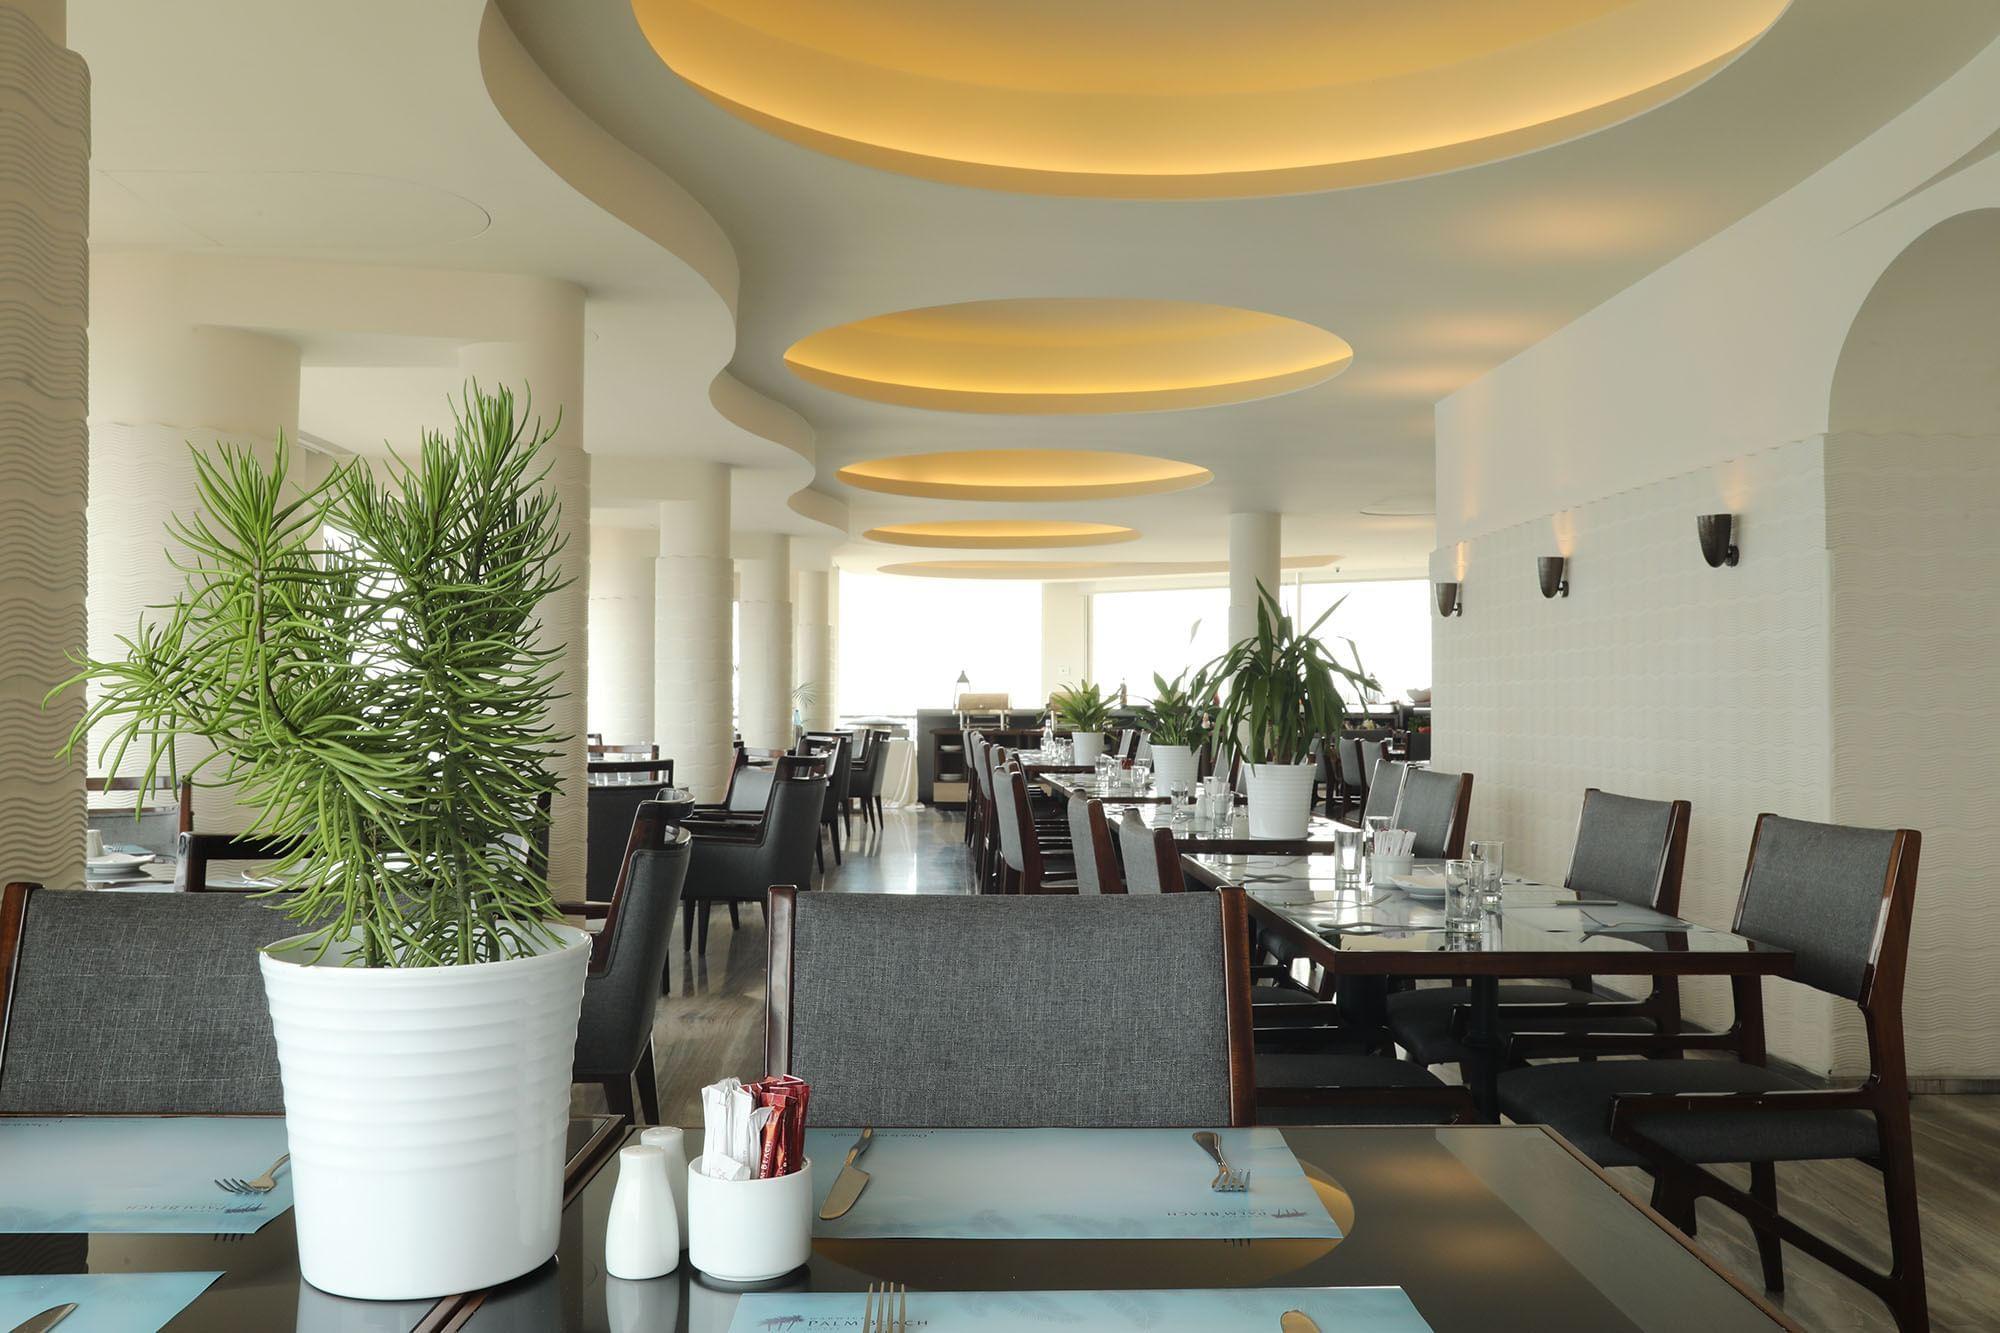 Restaurant Interior Design at Warwick Palm Beach